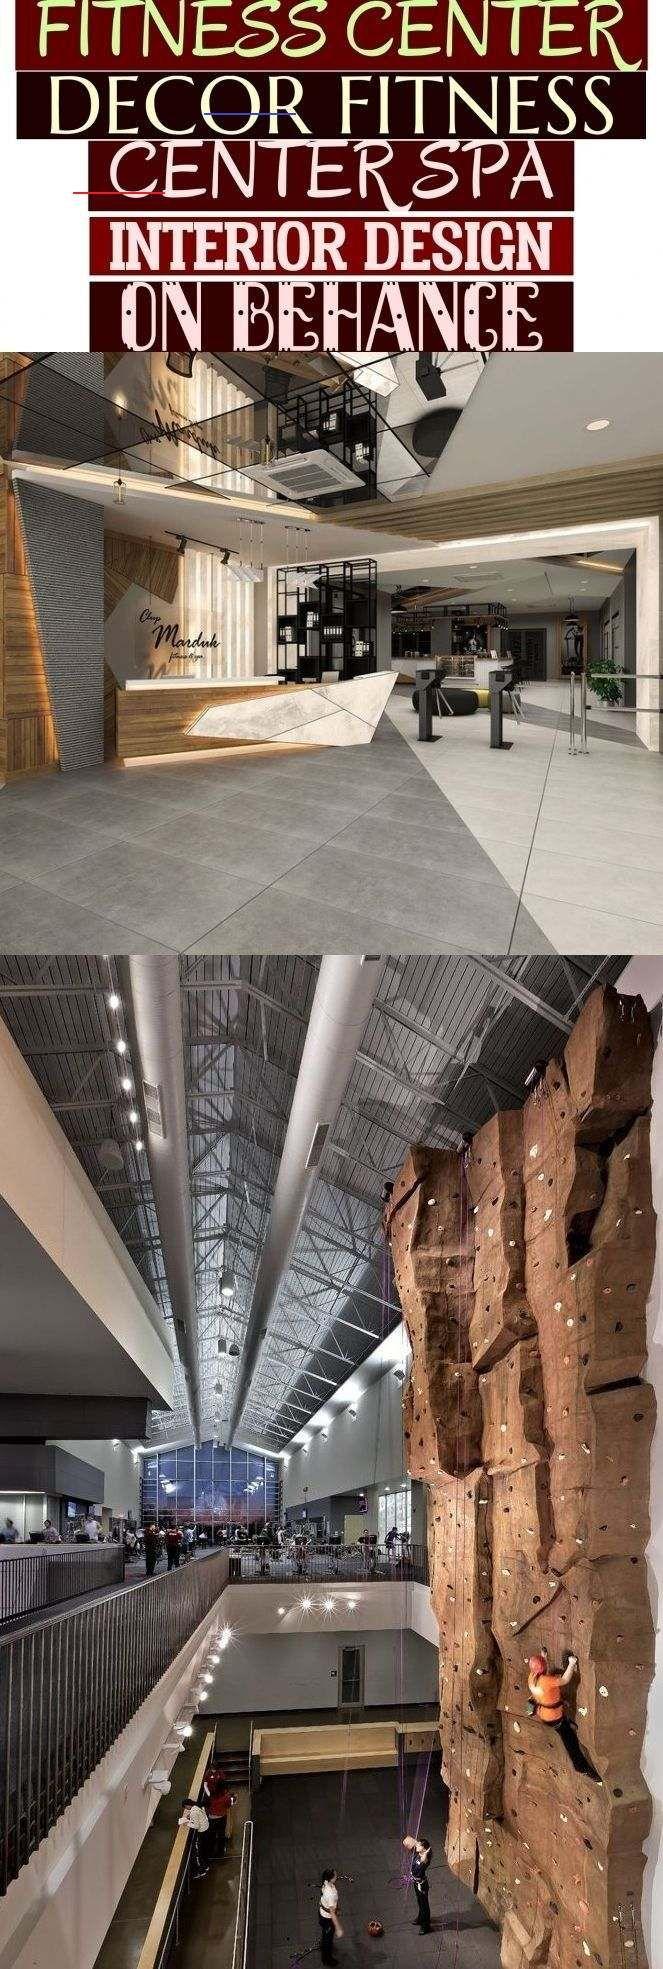 Fitness Center Decor Fitness Center Spa Interior Design On Behance ~ #fitness fi...  #Behance #Cente...